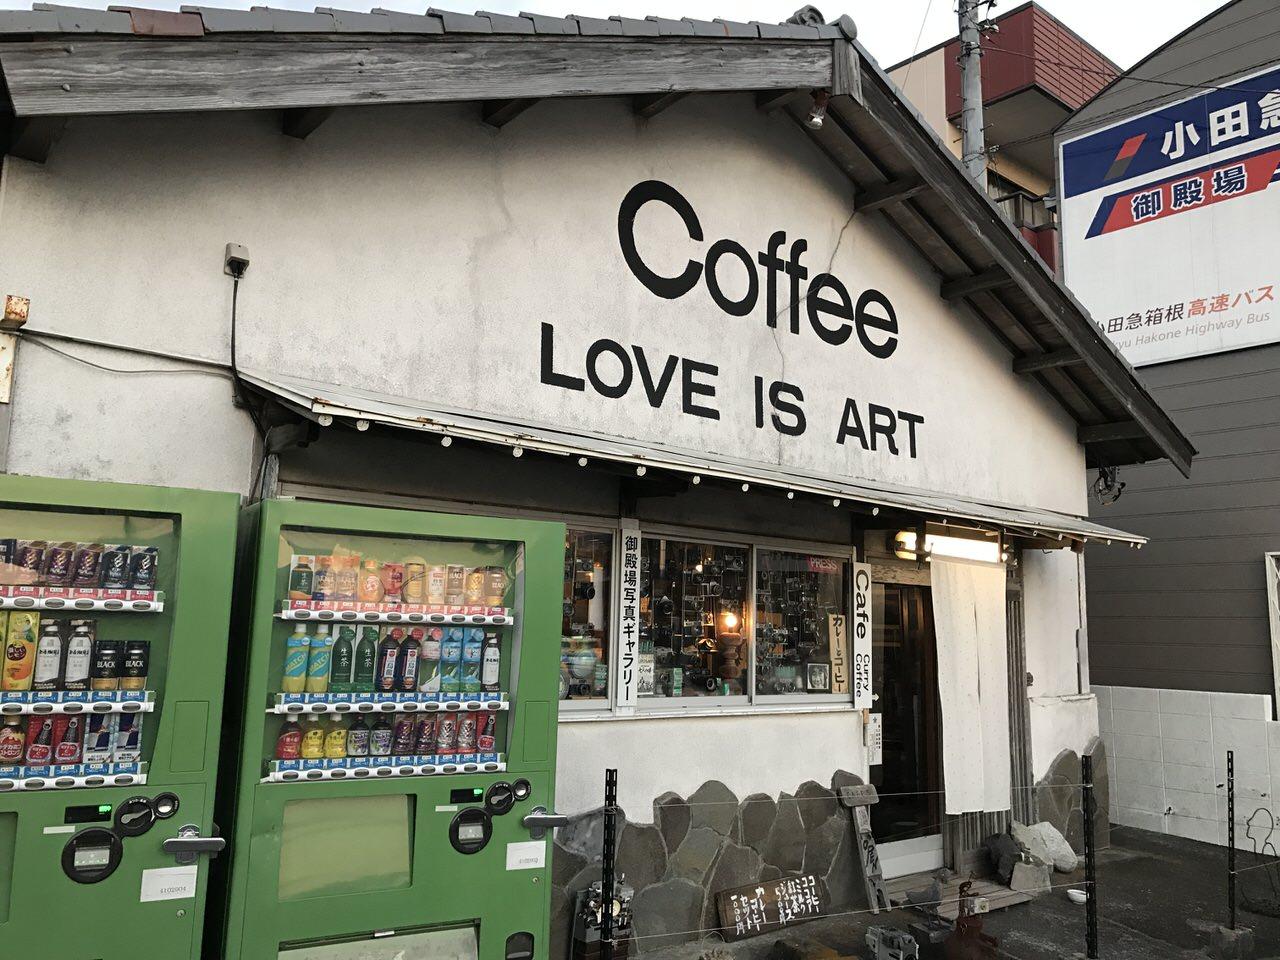 「LOVE IS ART」御殿場駅前のアートカフェ